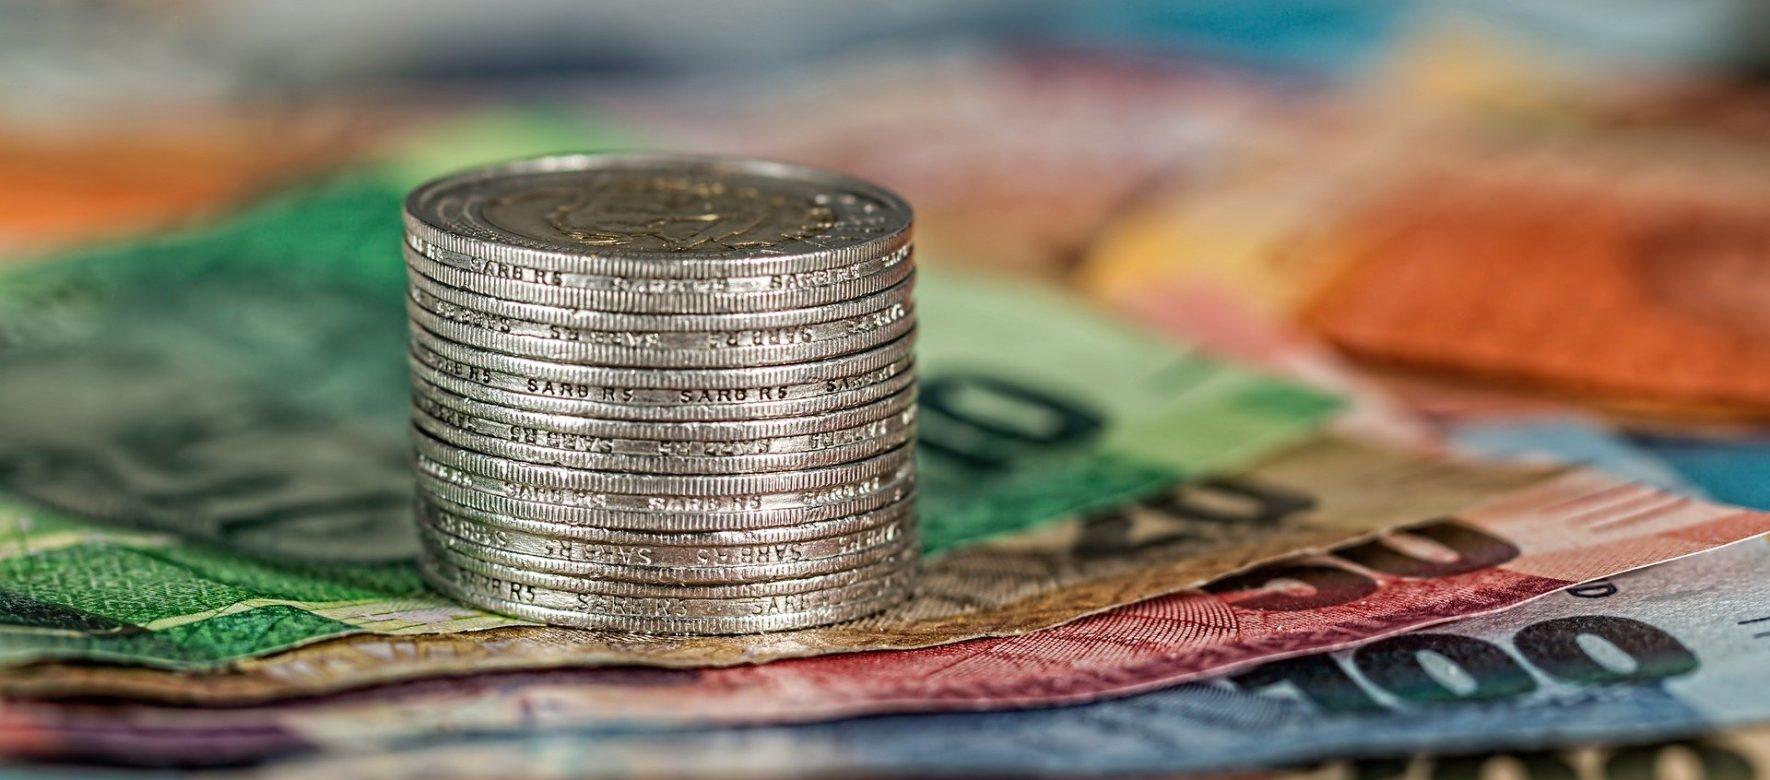 Maroc : Les investisseurs qui font des placements sur les produits financiers affichent un pessimisme quant aux perspectives économiques à long terme